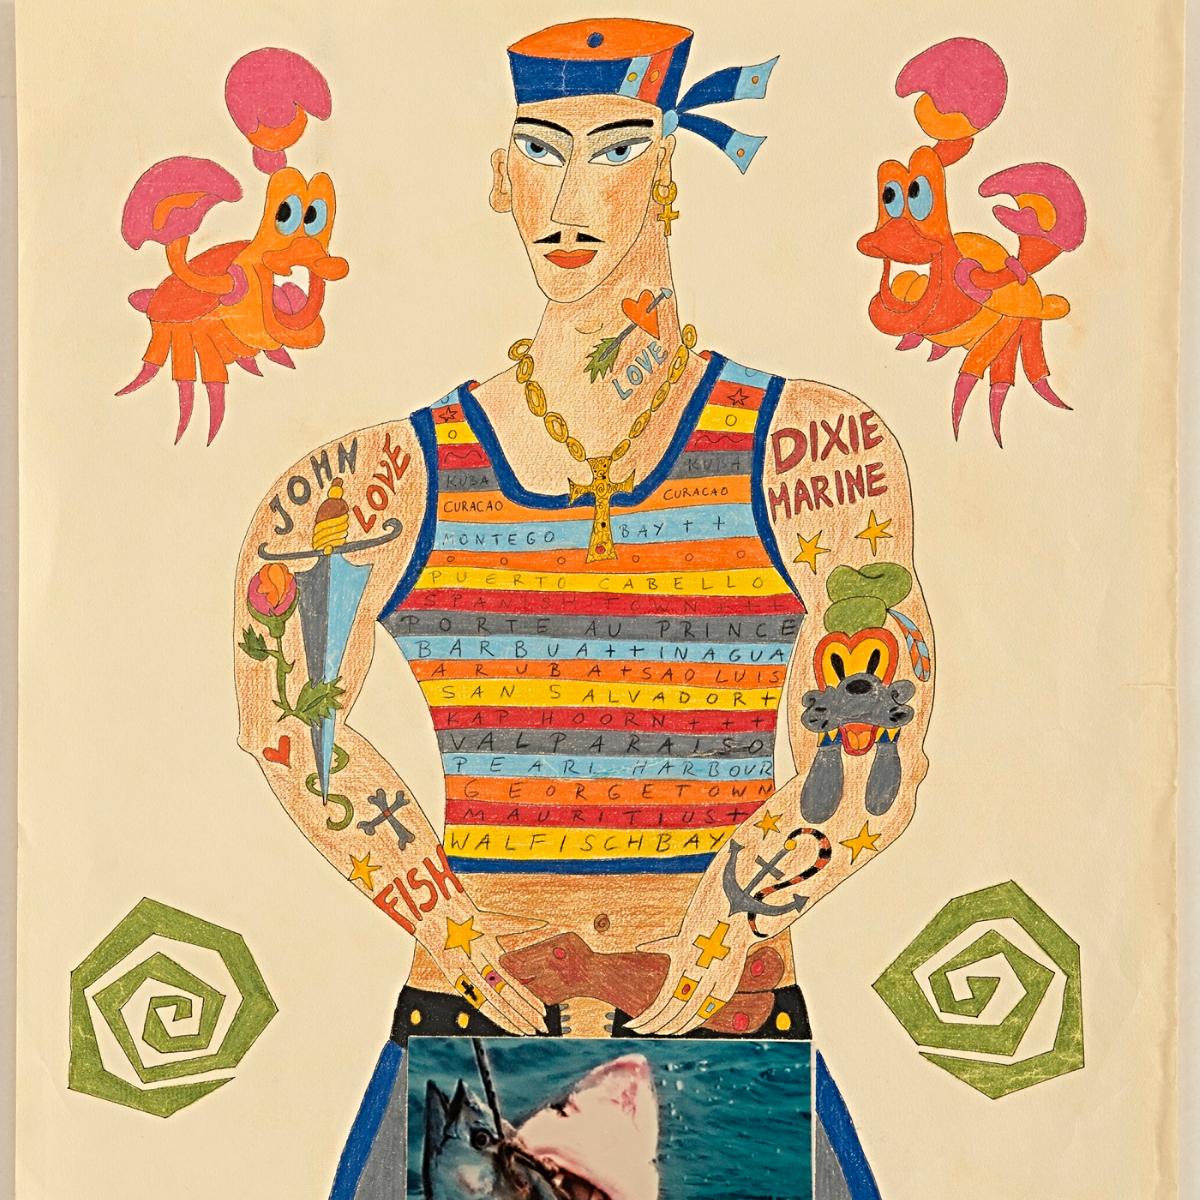 Tabea Blumenschein, Dixie Marine, 1995,  Townes  Shoko Kawaida  Harald Blumenschein